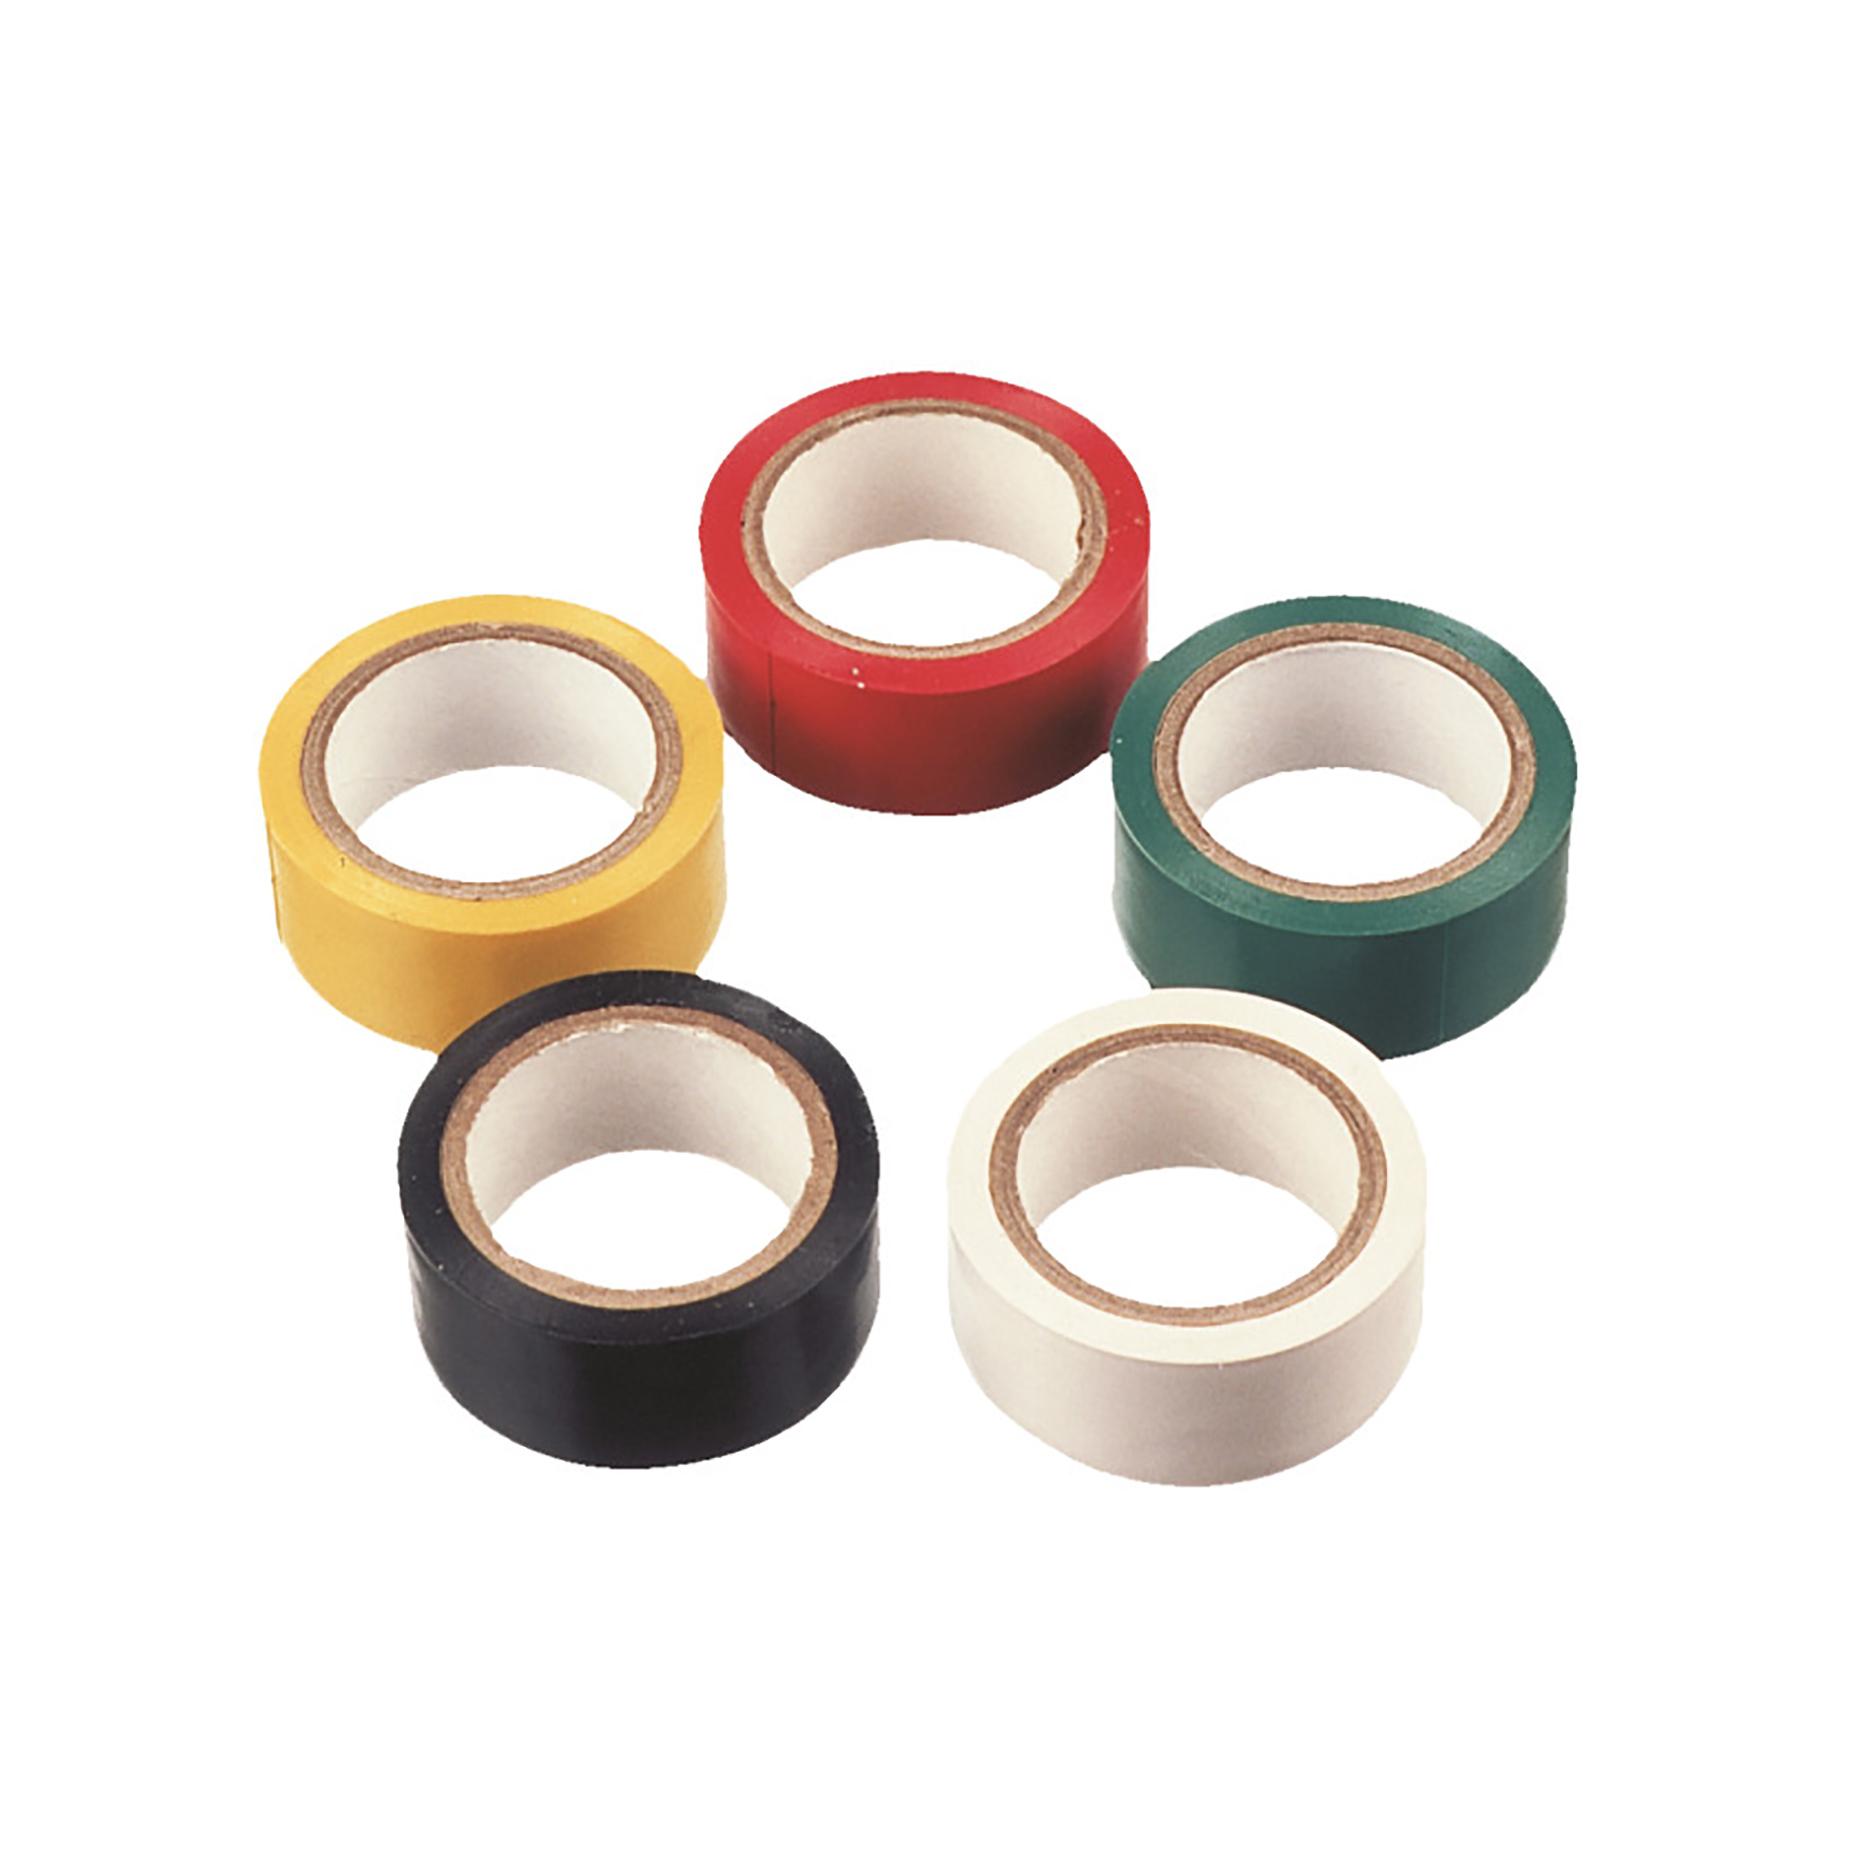 NASTRO IN PVC 19MMx3,5 PZ 5